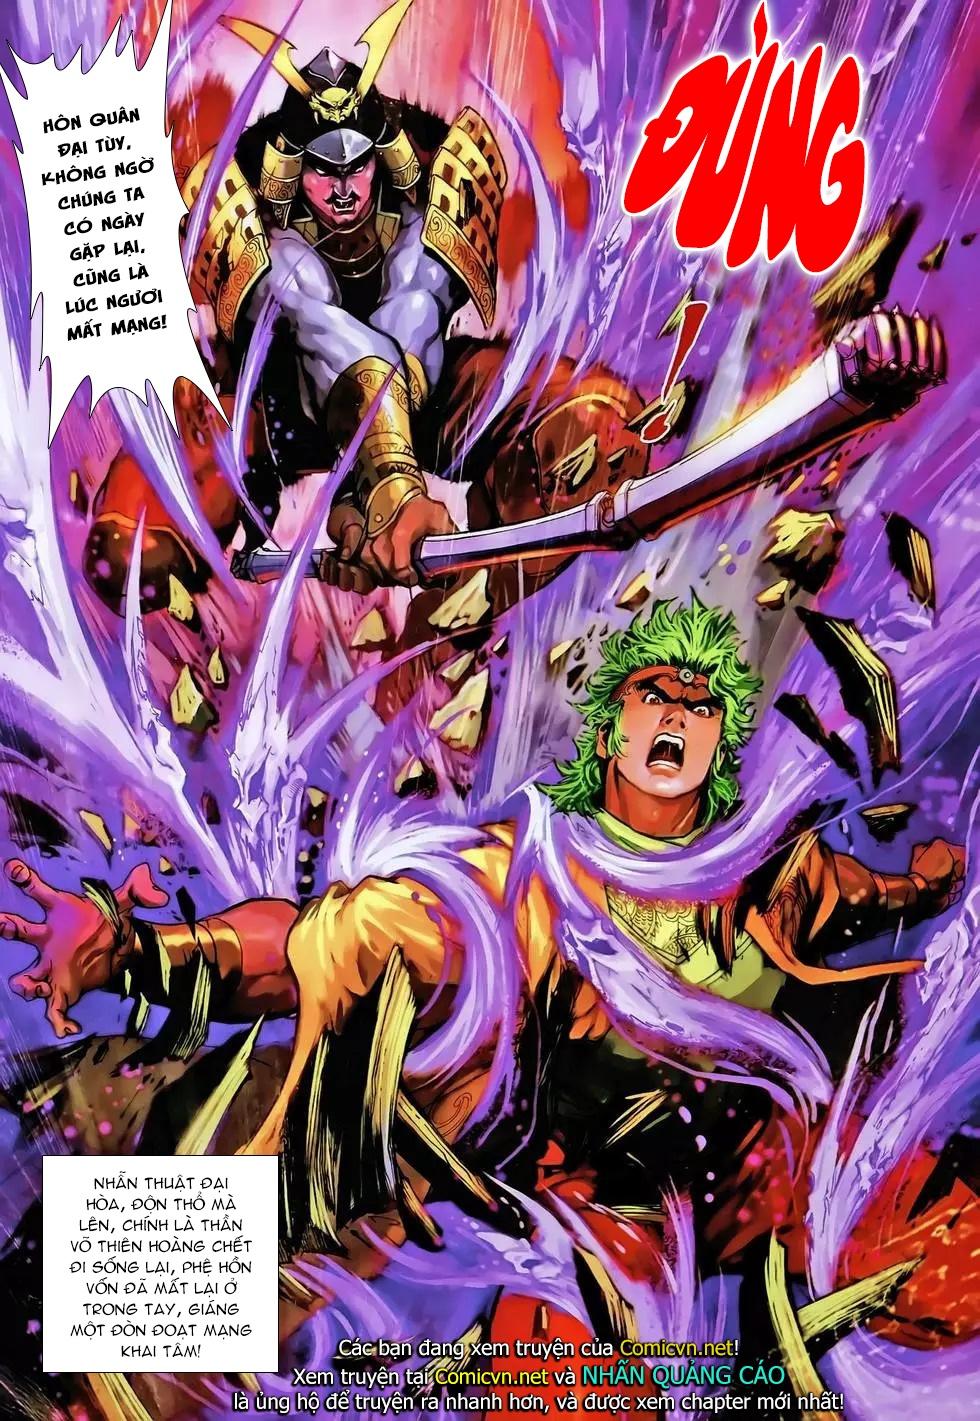 Thần binh huyền kỳ 3 - 3.5 tập 185 - 19